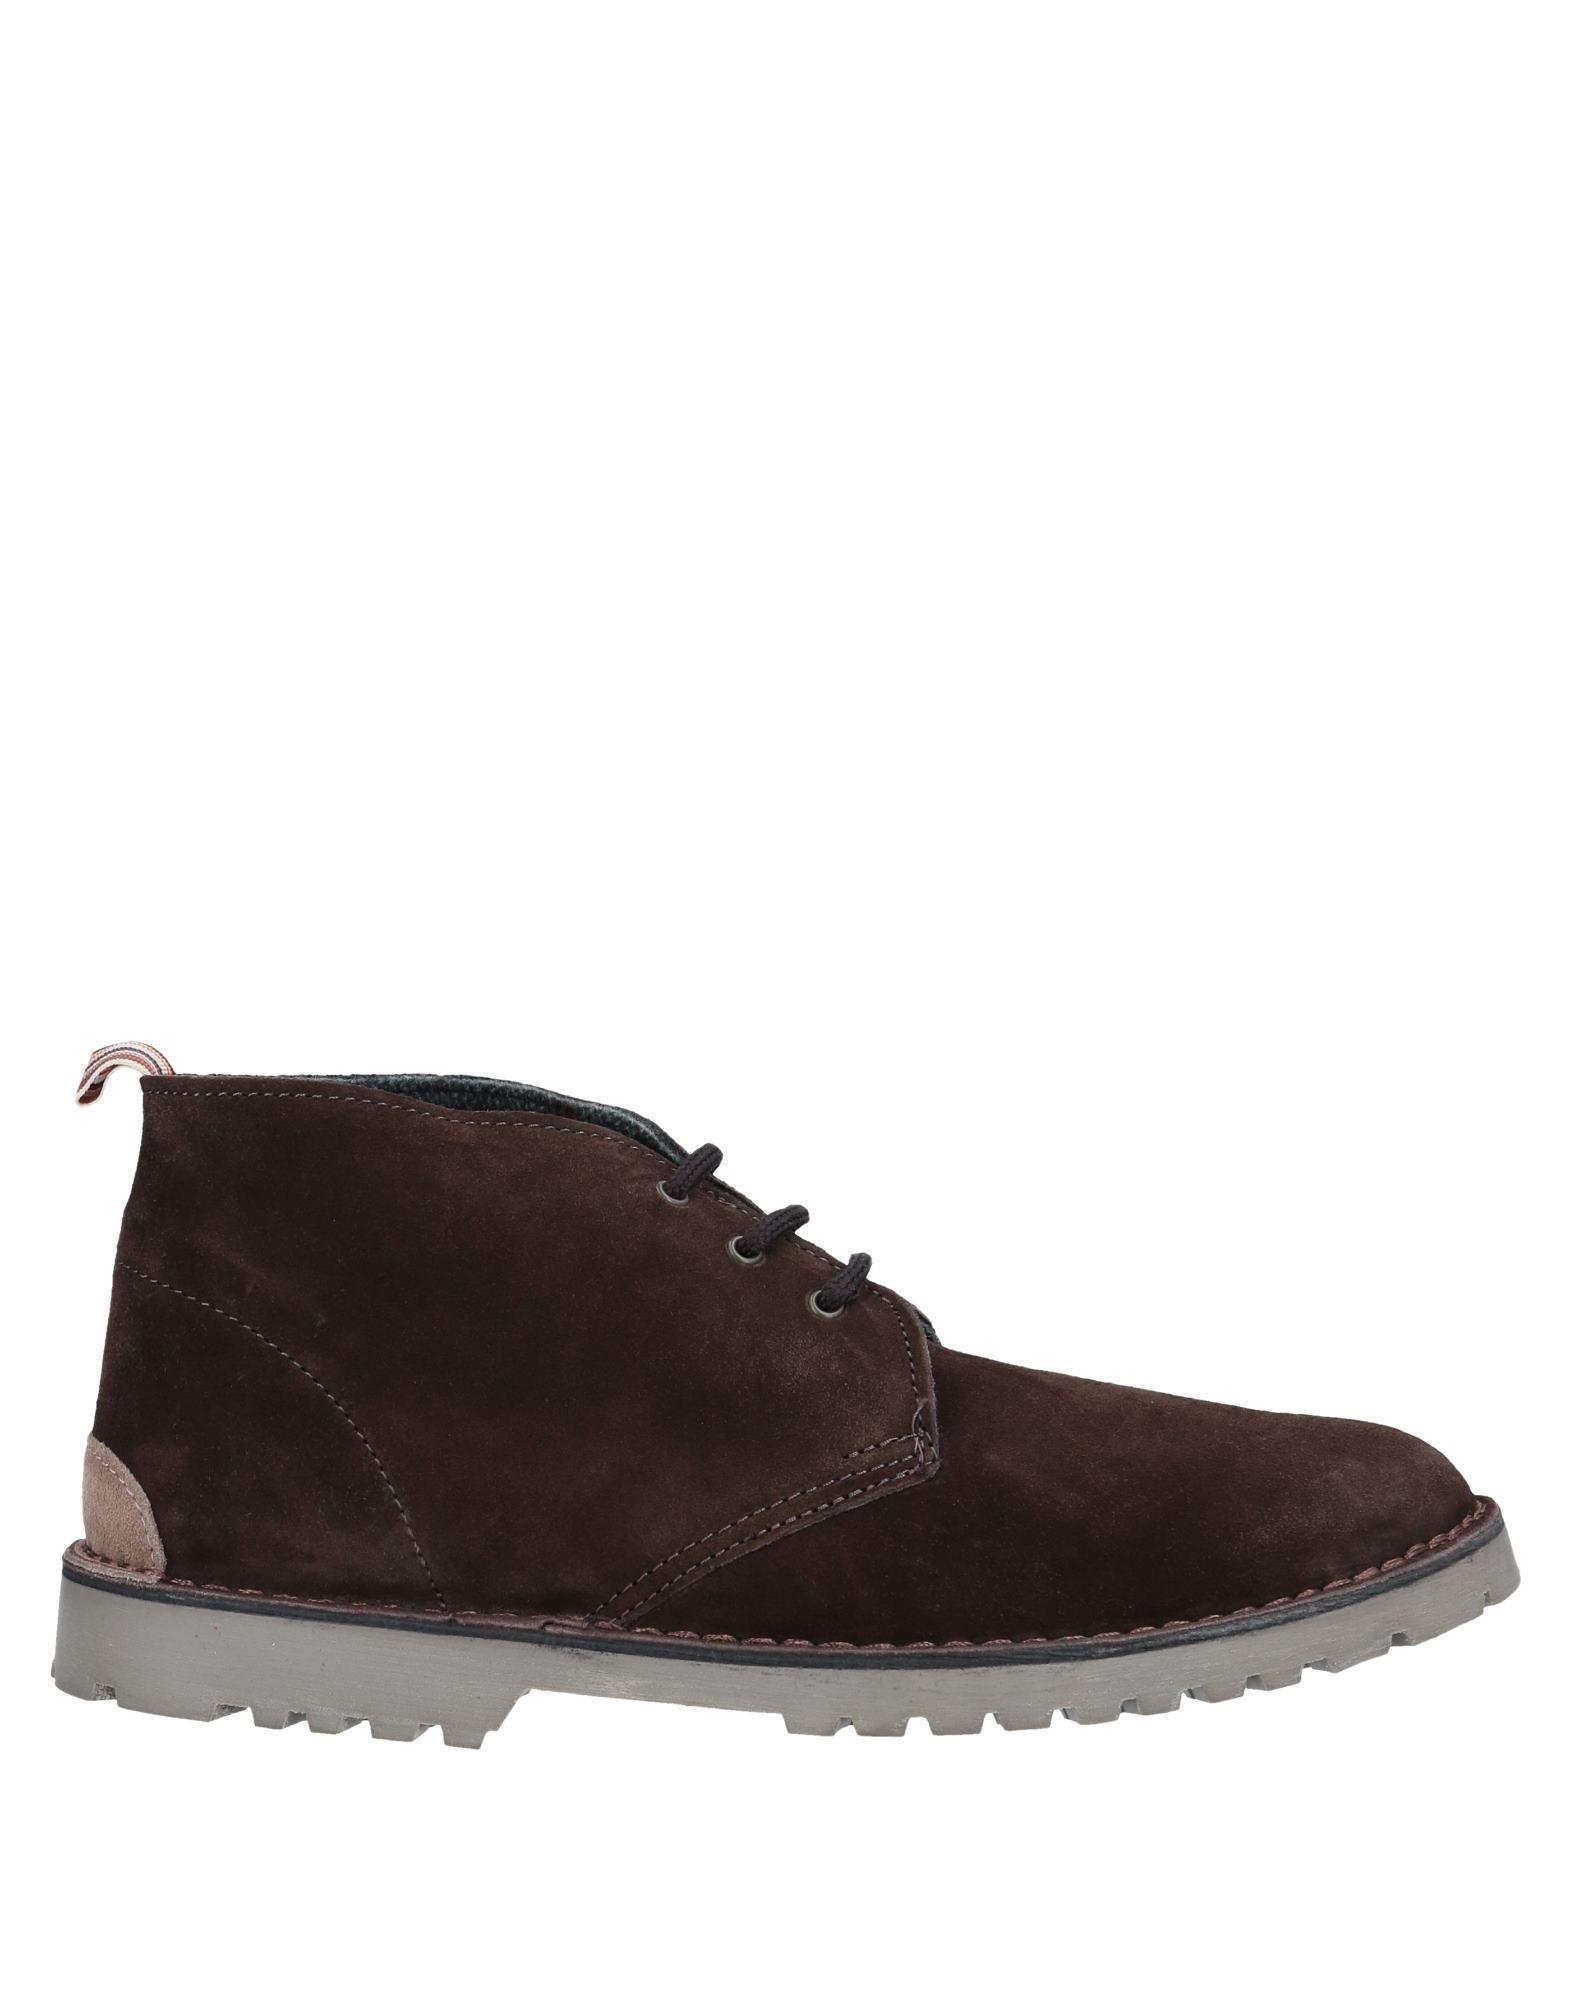 Paolo  Da Ponte Stiefelette Herren  Paolo 11248964WJ Gute Qualität beliebte Schuhe 960630